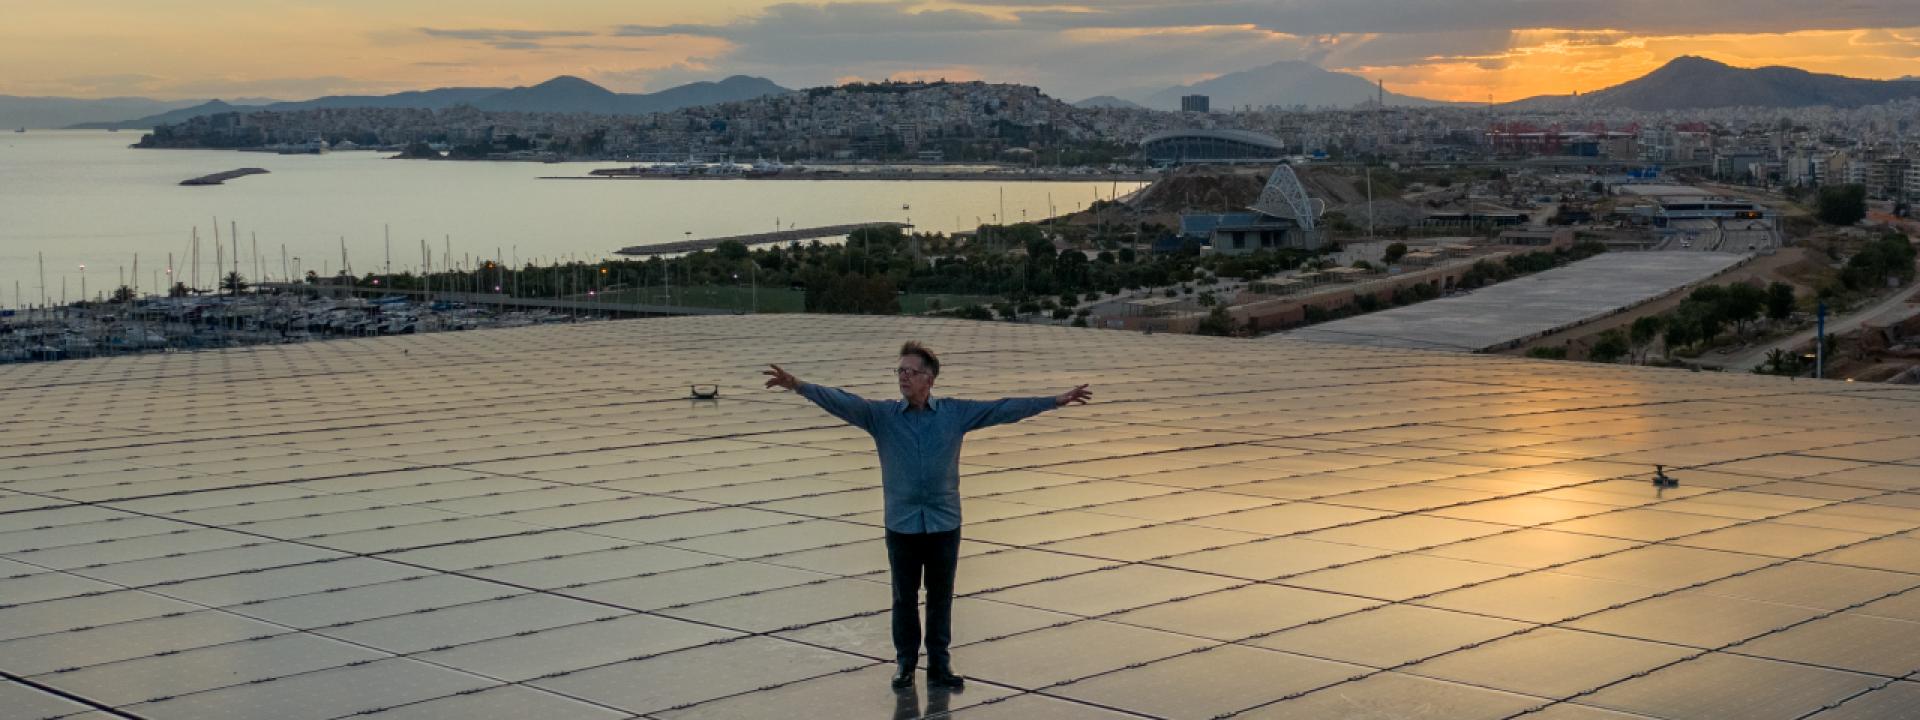 Φωτογραφία του συνθέτη Δημήτρη Καμαρωτού πάνω στο Ενεργειακό Στέγαστρο του ΚΠΙΣΝ με θέα τη θάλασσα και τη μαγευτική δύση του ηλίου